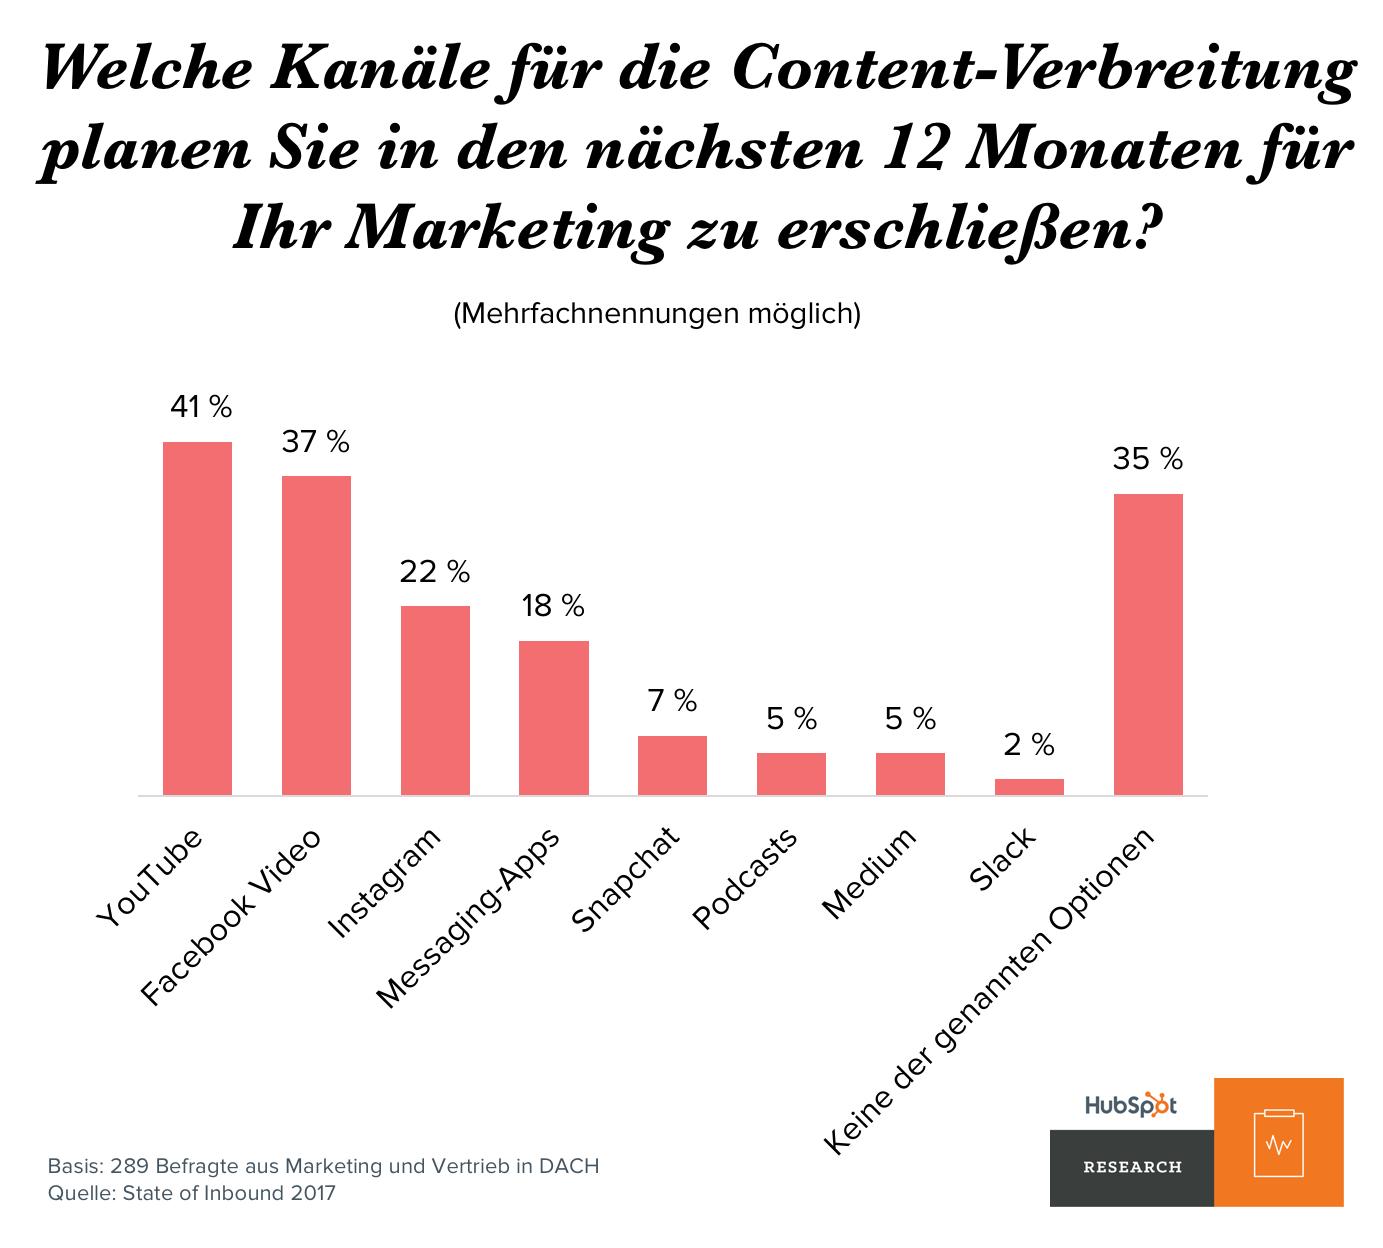 Kanaele der Zukunft für Content als Marketing Instrument